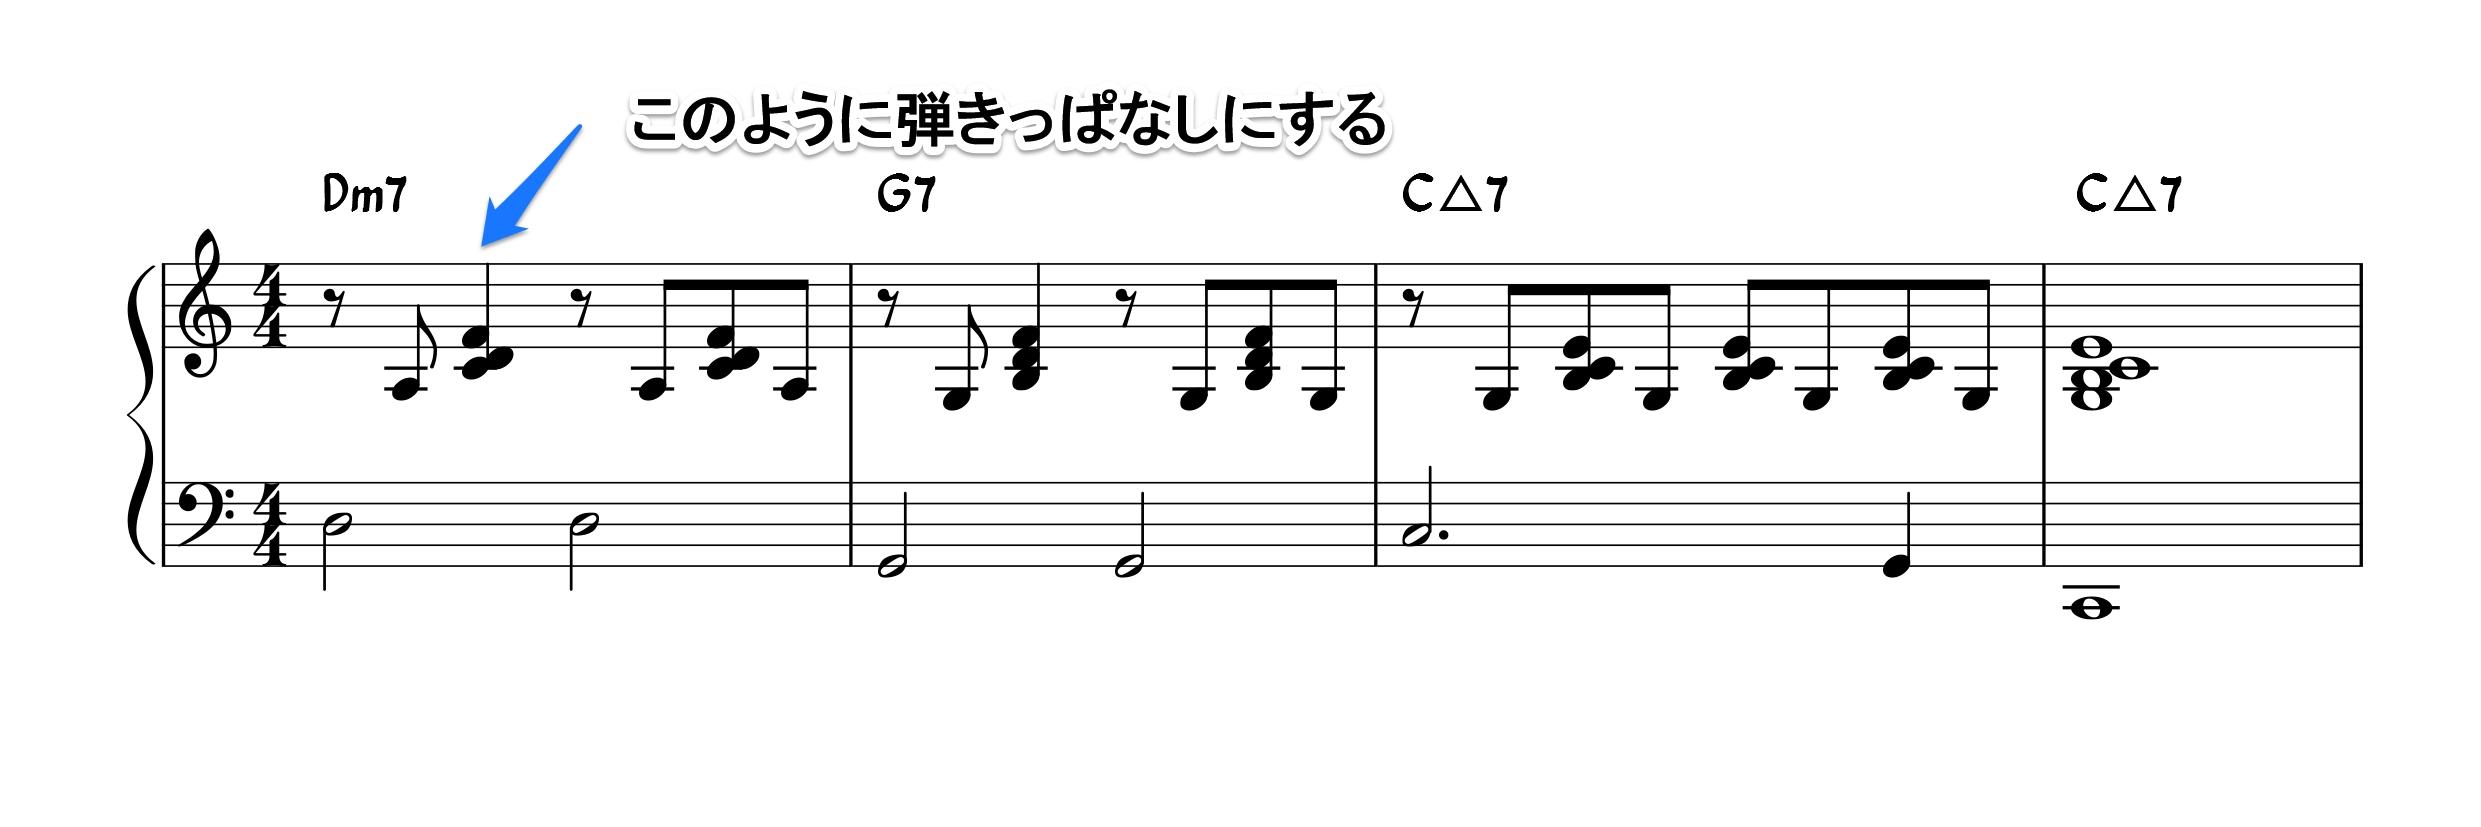 バッキング07-2